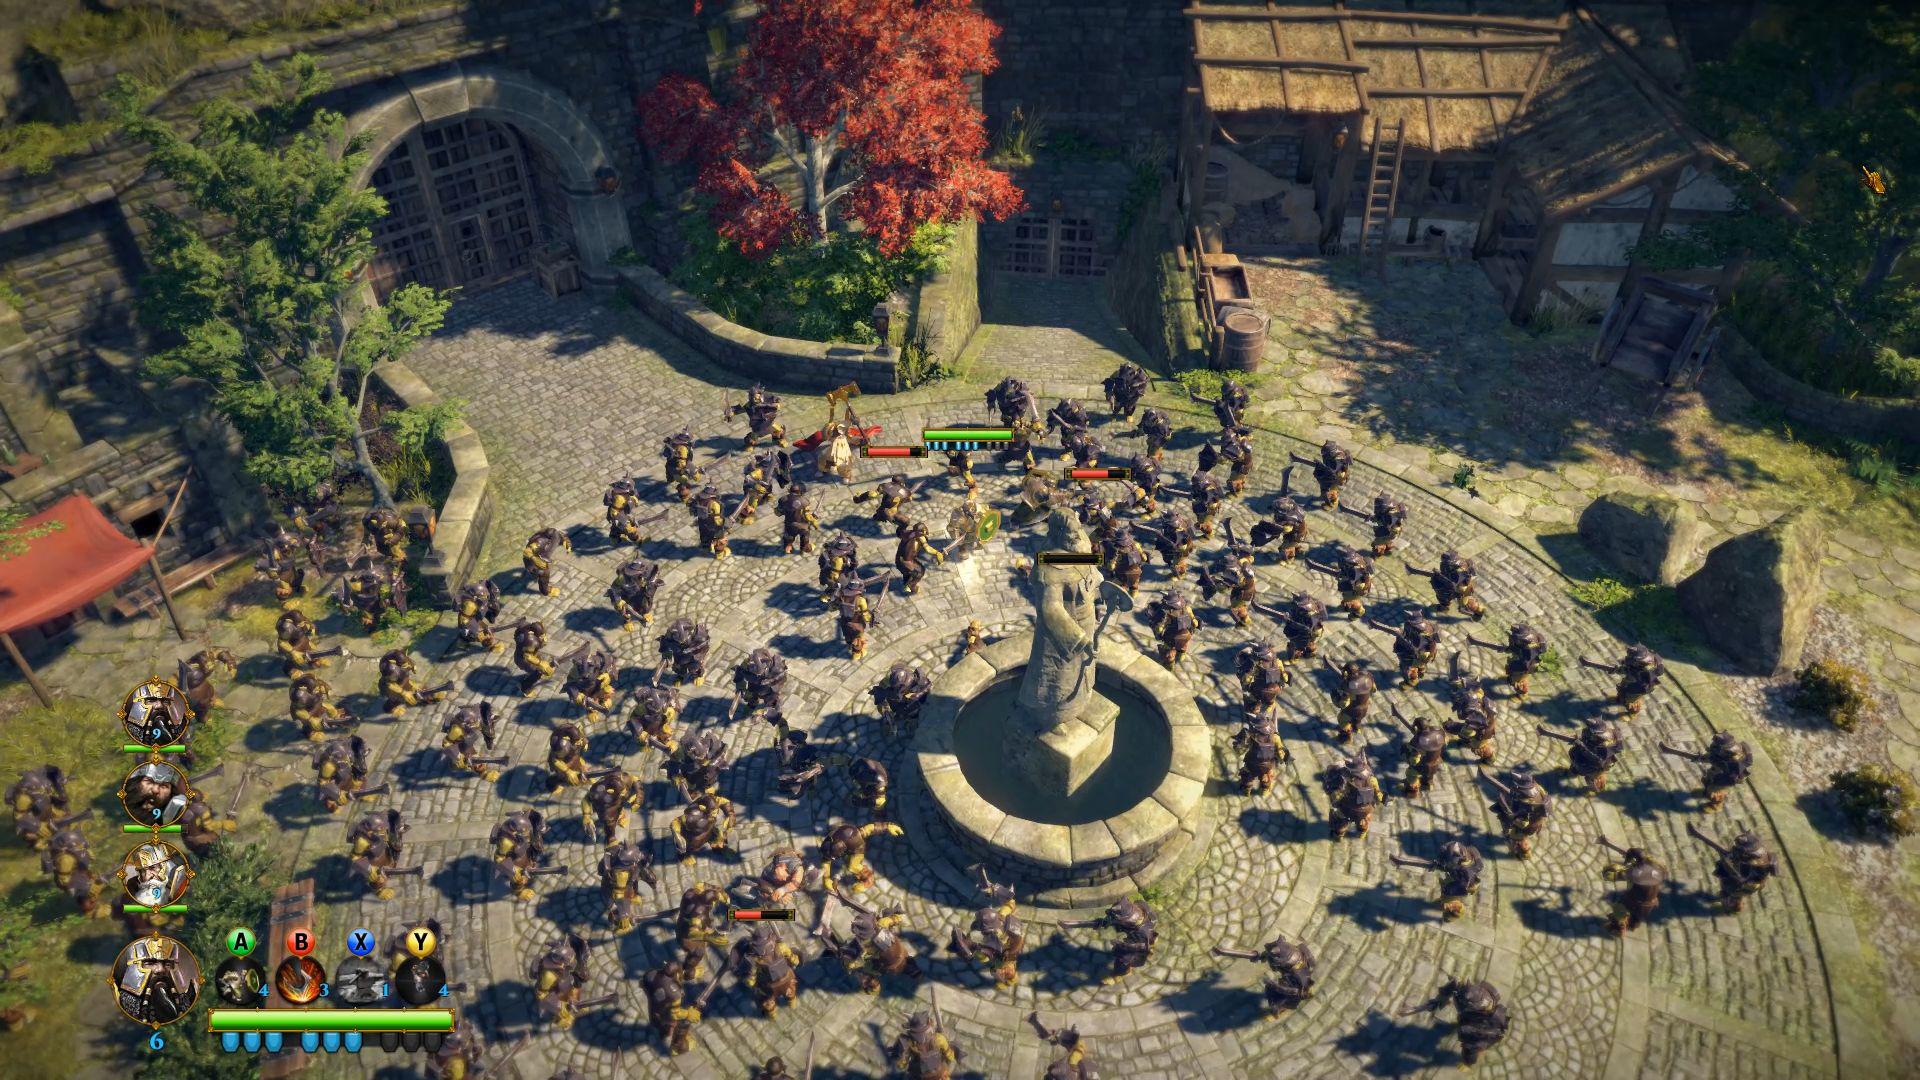 Die Zwerge - Schlacht an einem Brunnen